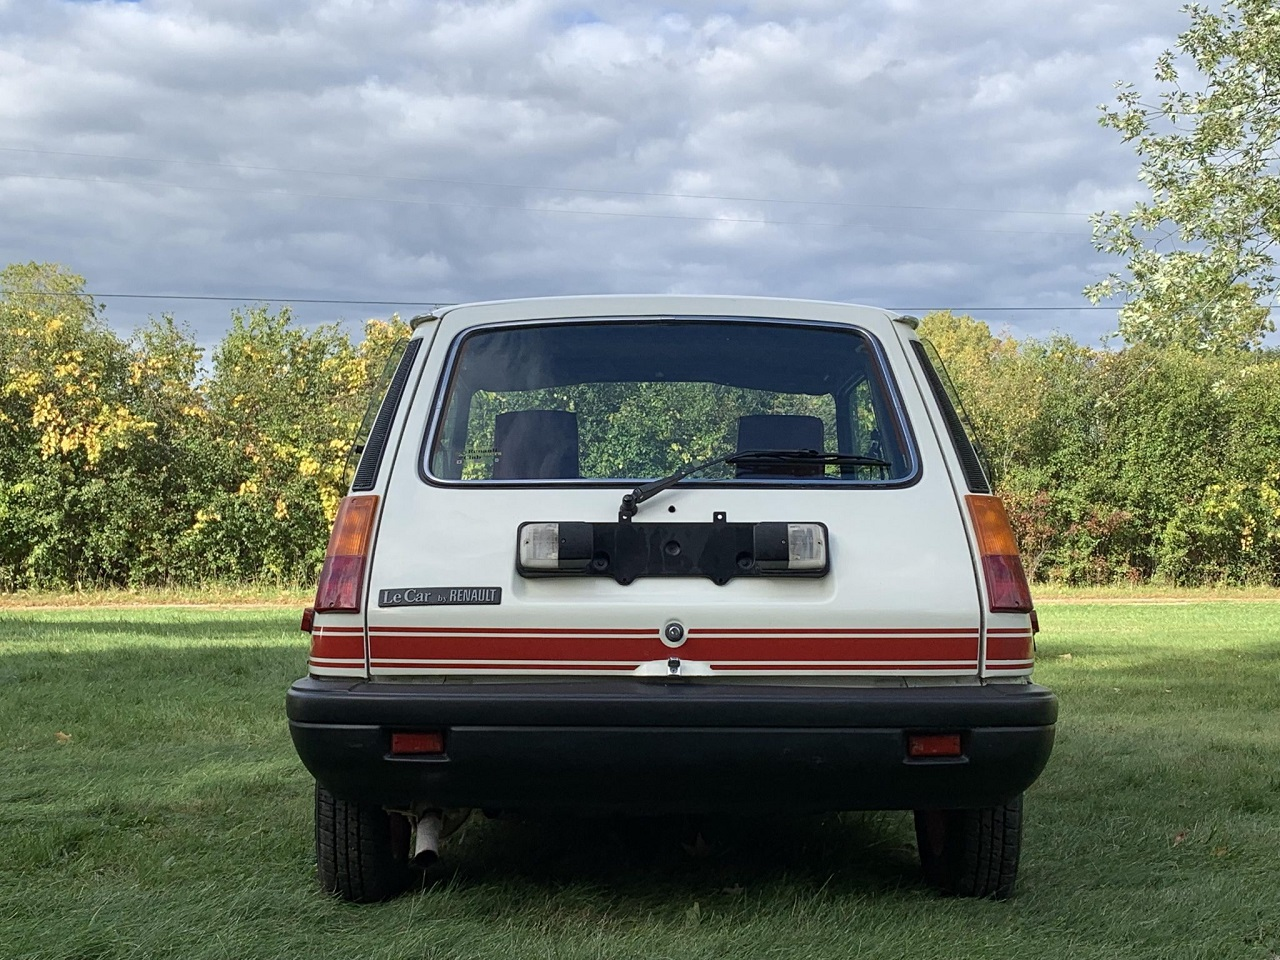 '79 Renault 5 Le Car - A la conquête de l'Amérique ! 10